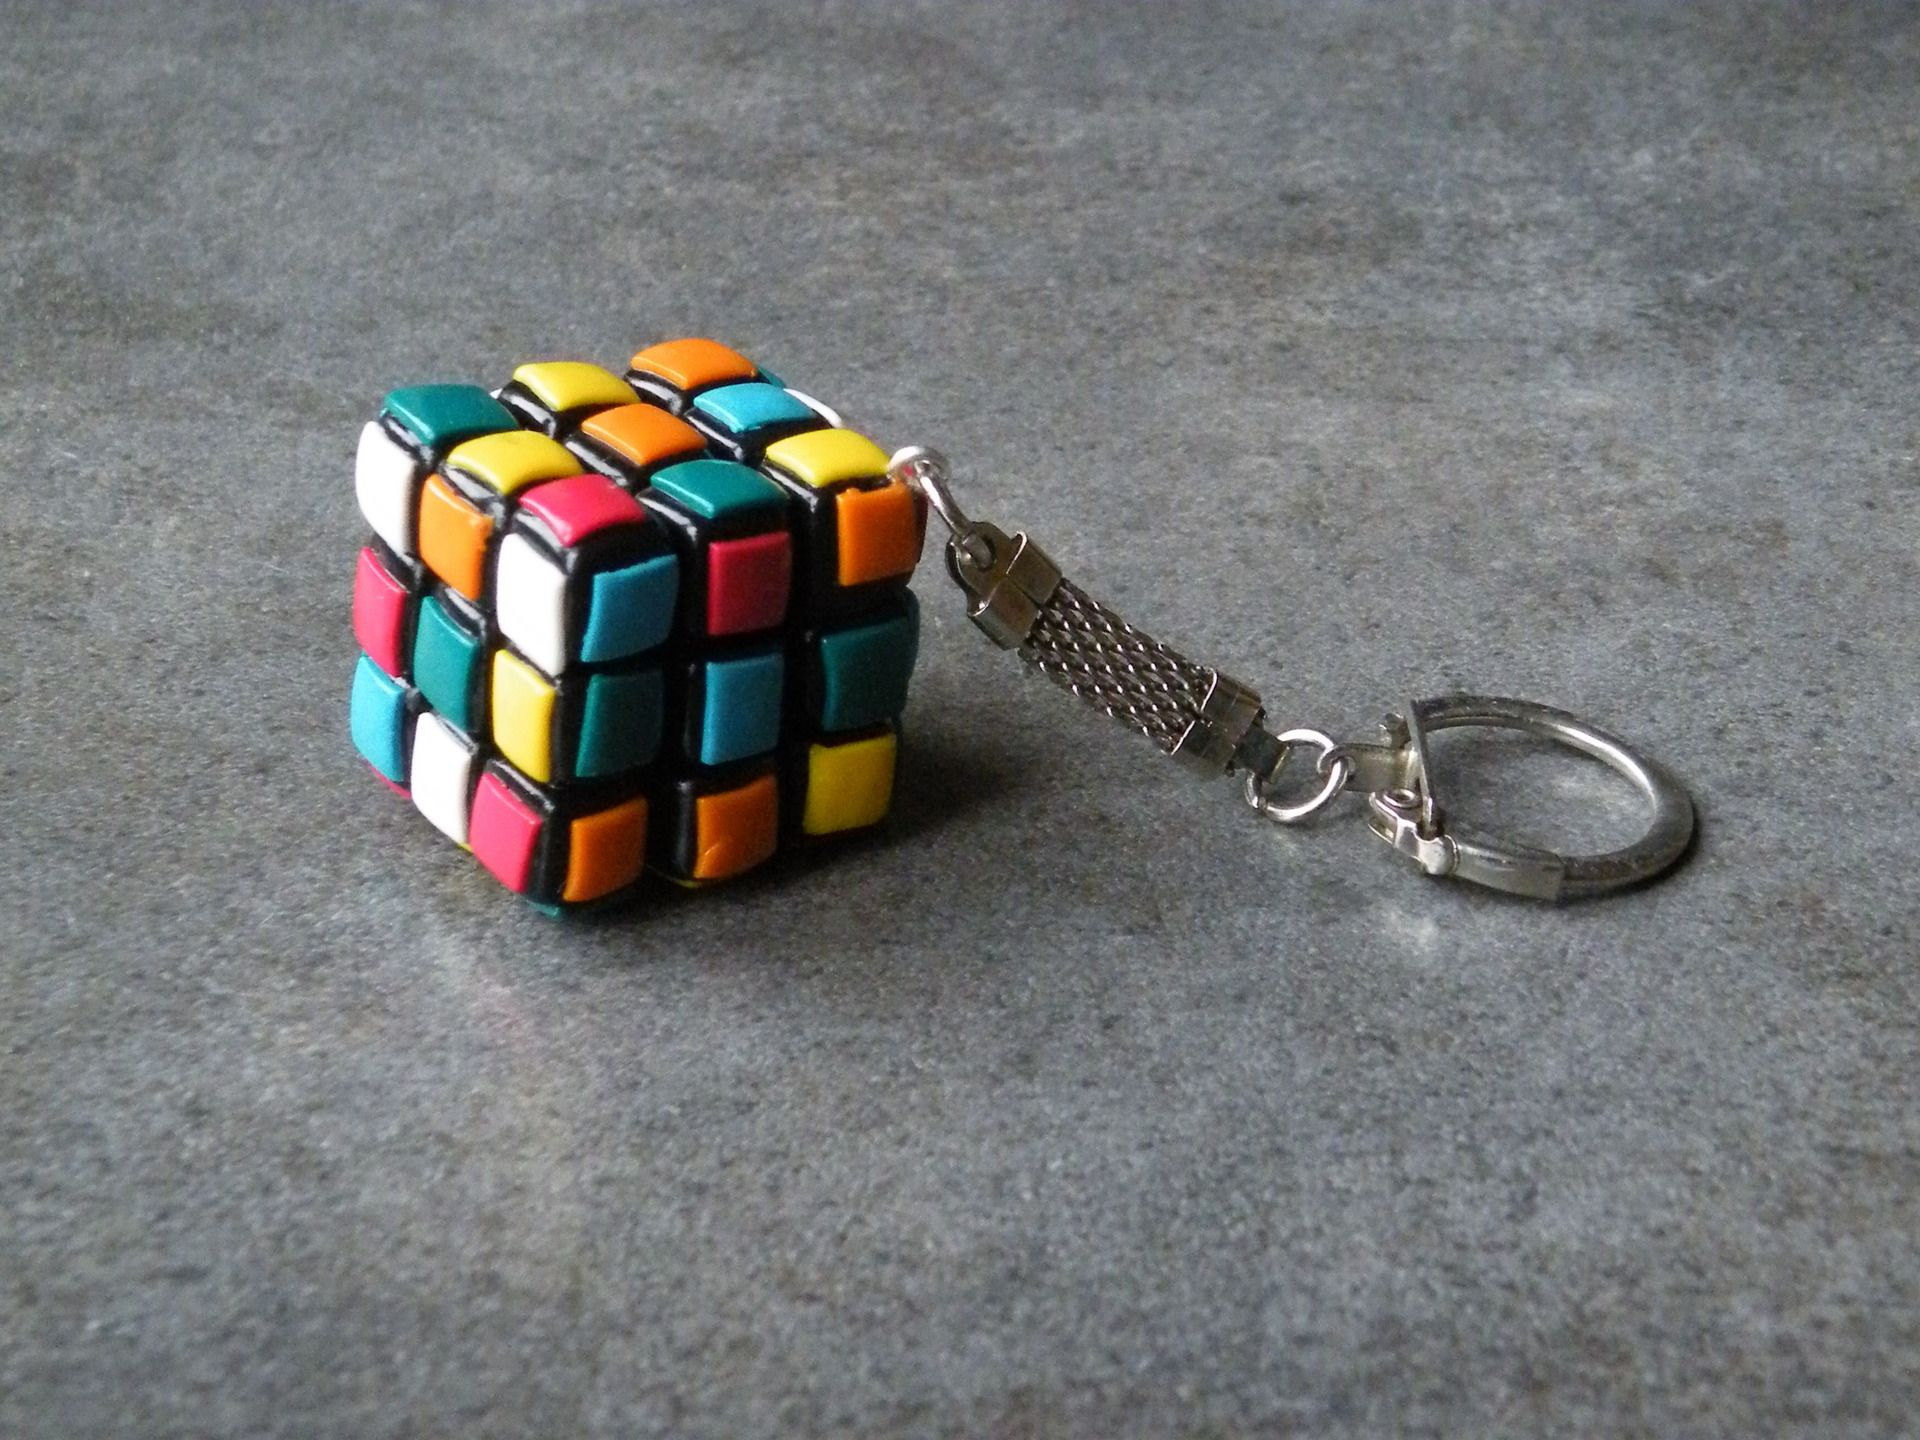 Porte cl s rubik 39 s cube en fimo porte cl s par jl bijoux - Idee creation pate fimo ...